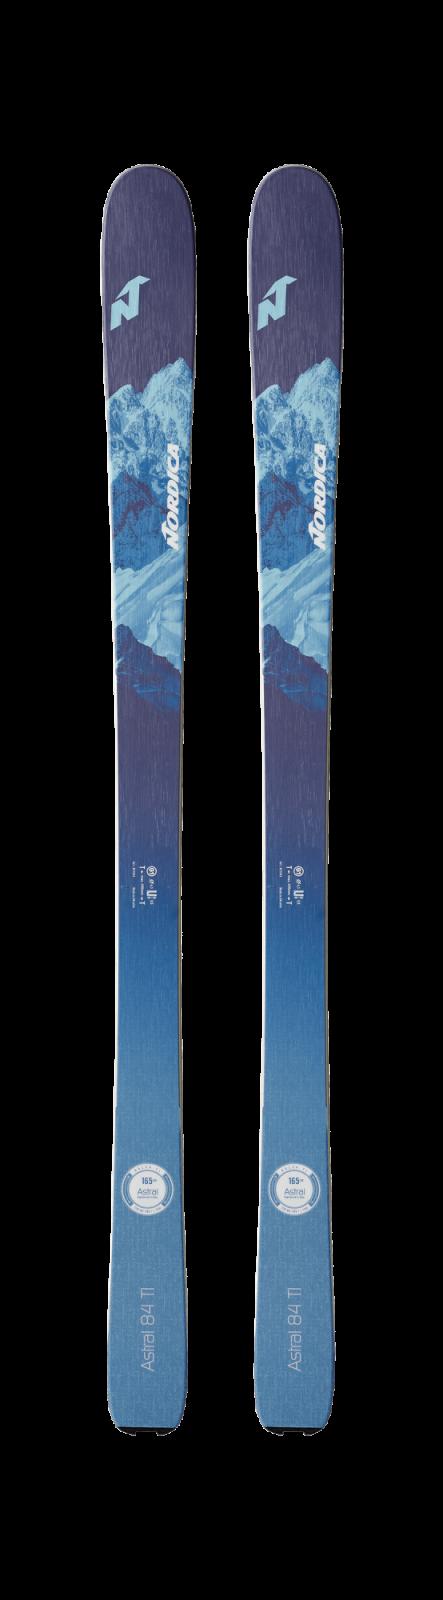 2021 Nordica Astral 84 Women's Ski